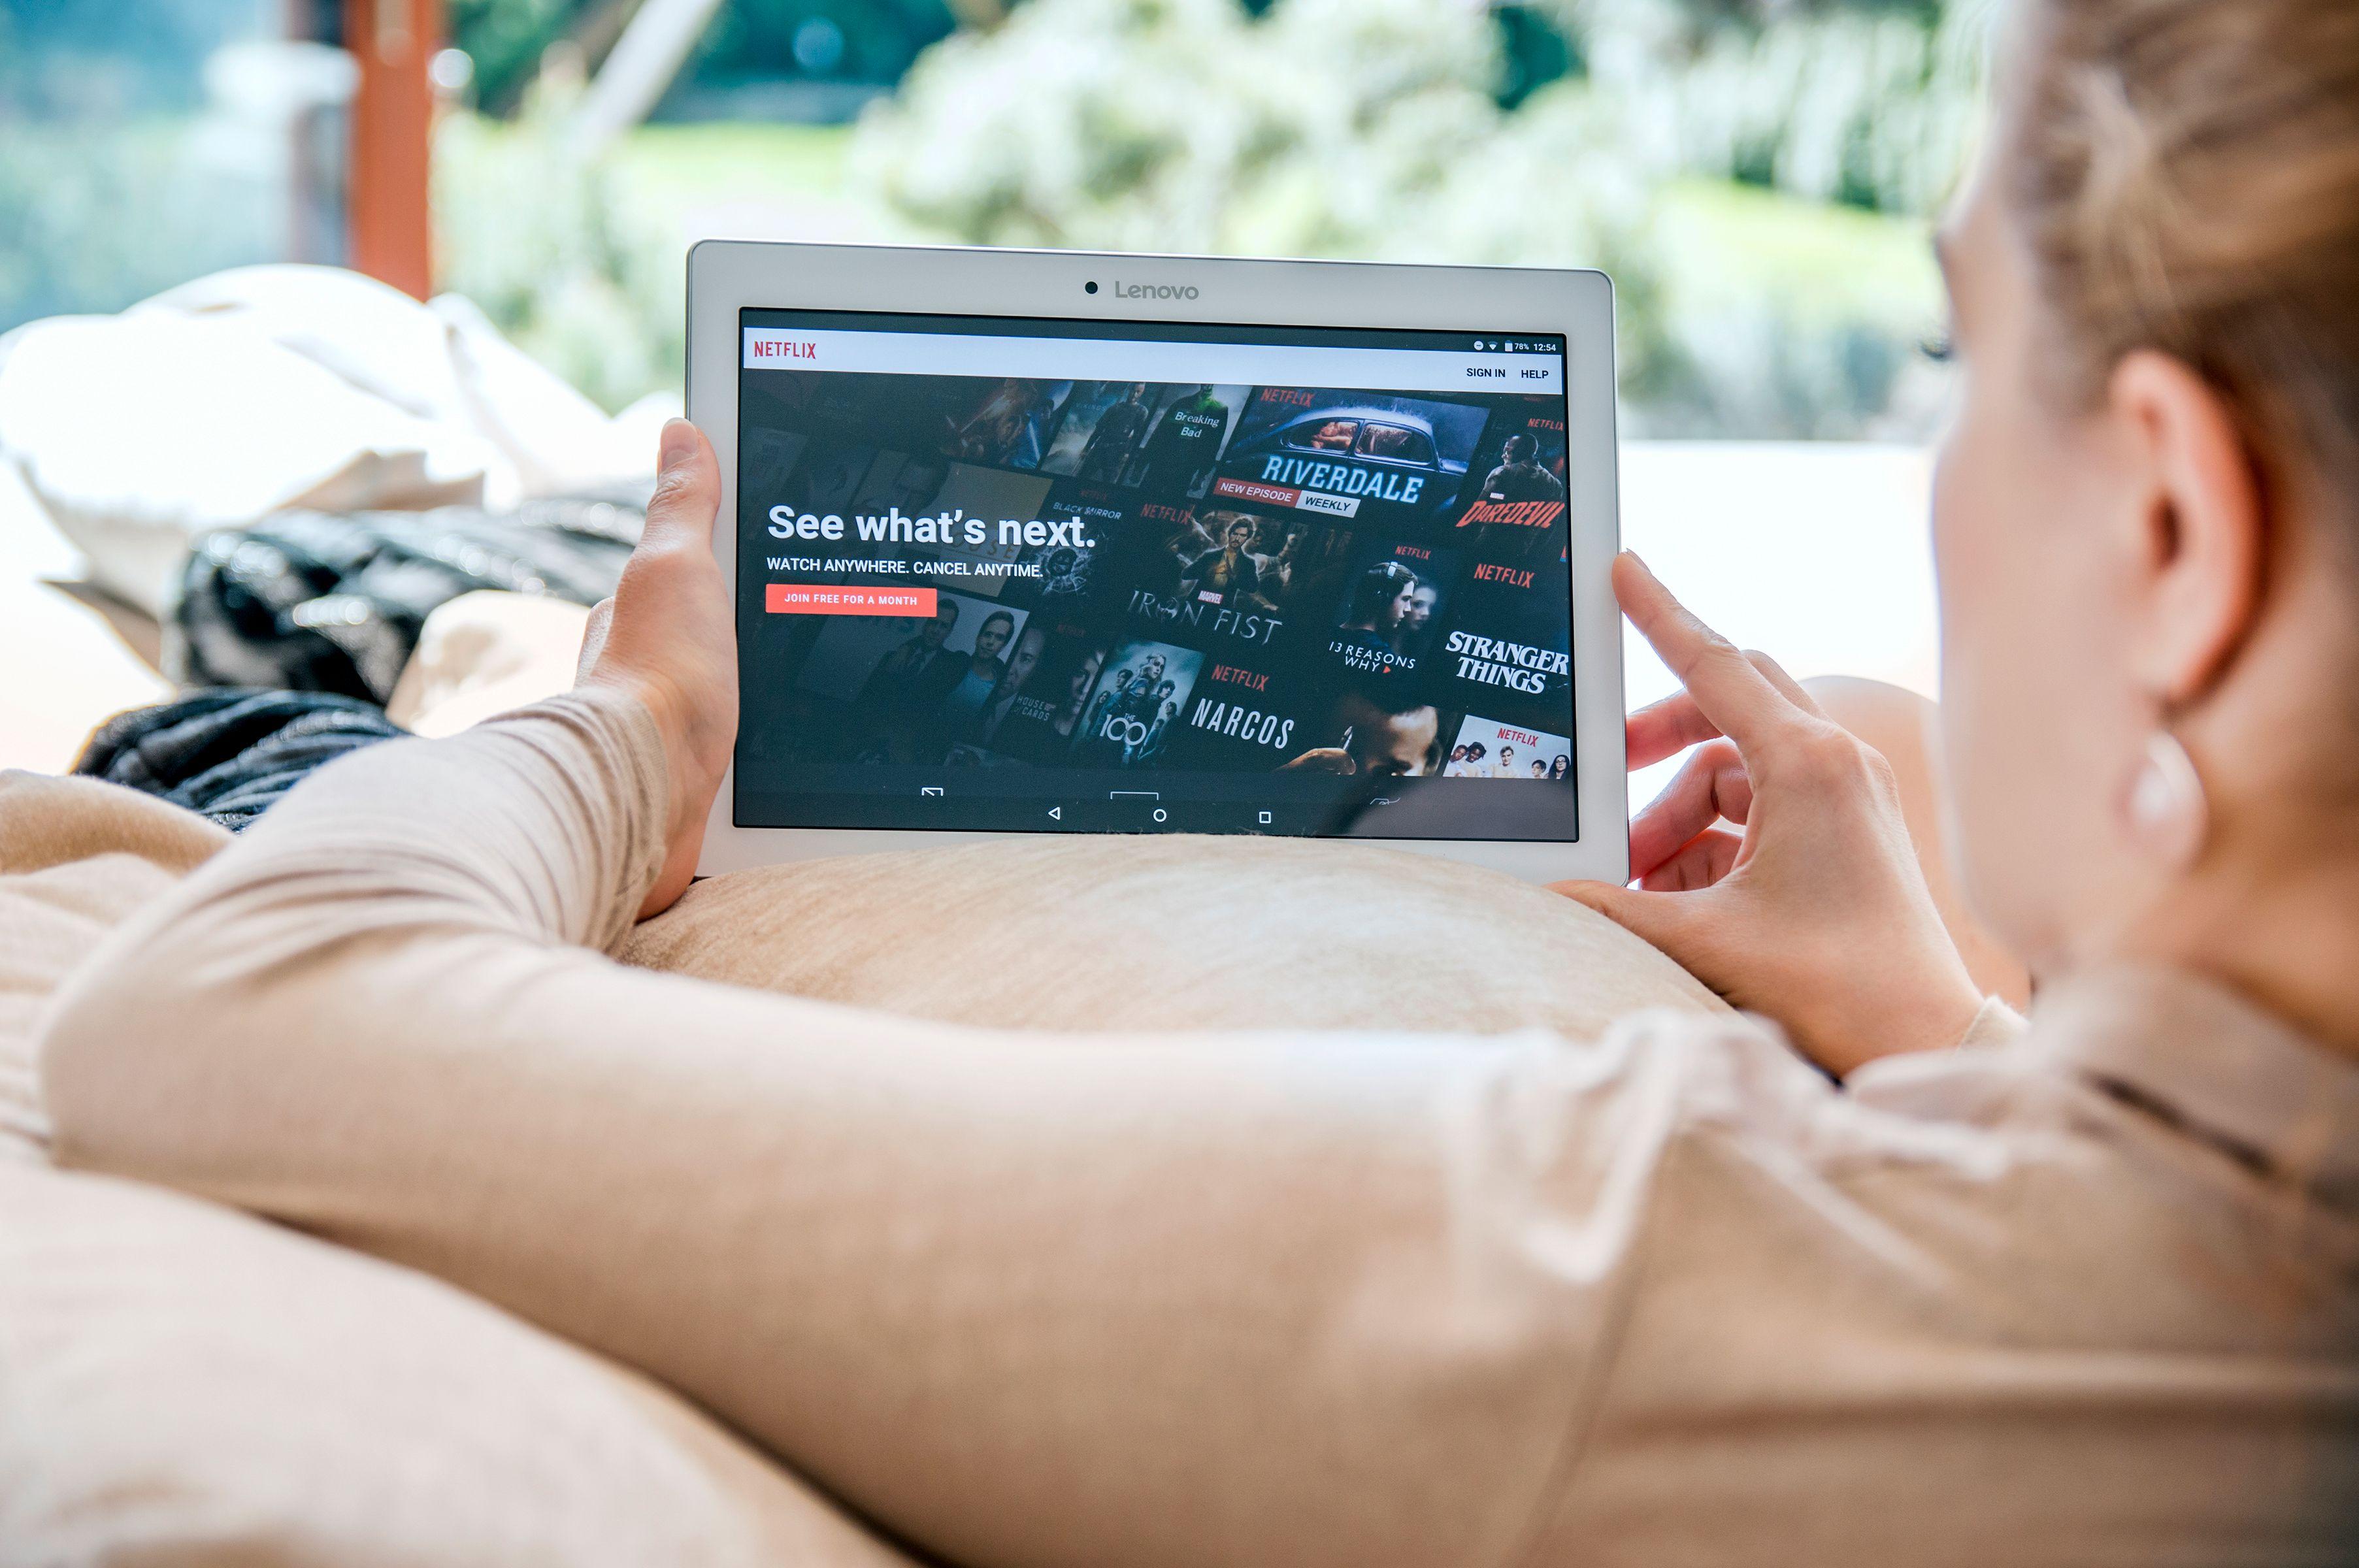 Tjenester som Netflix kunne tjene på fremskrittene, men det ligger nok et stykke frem i tid.